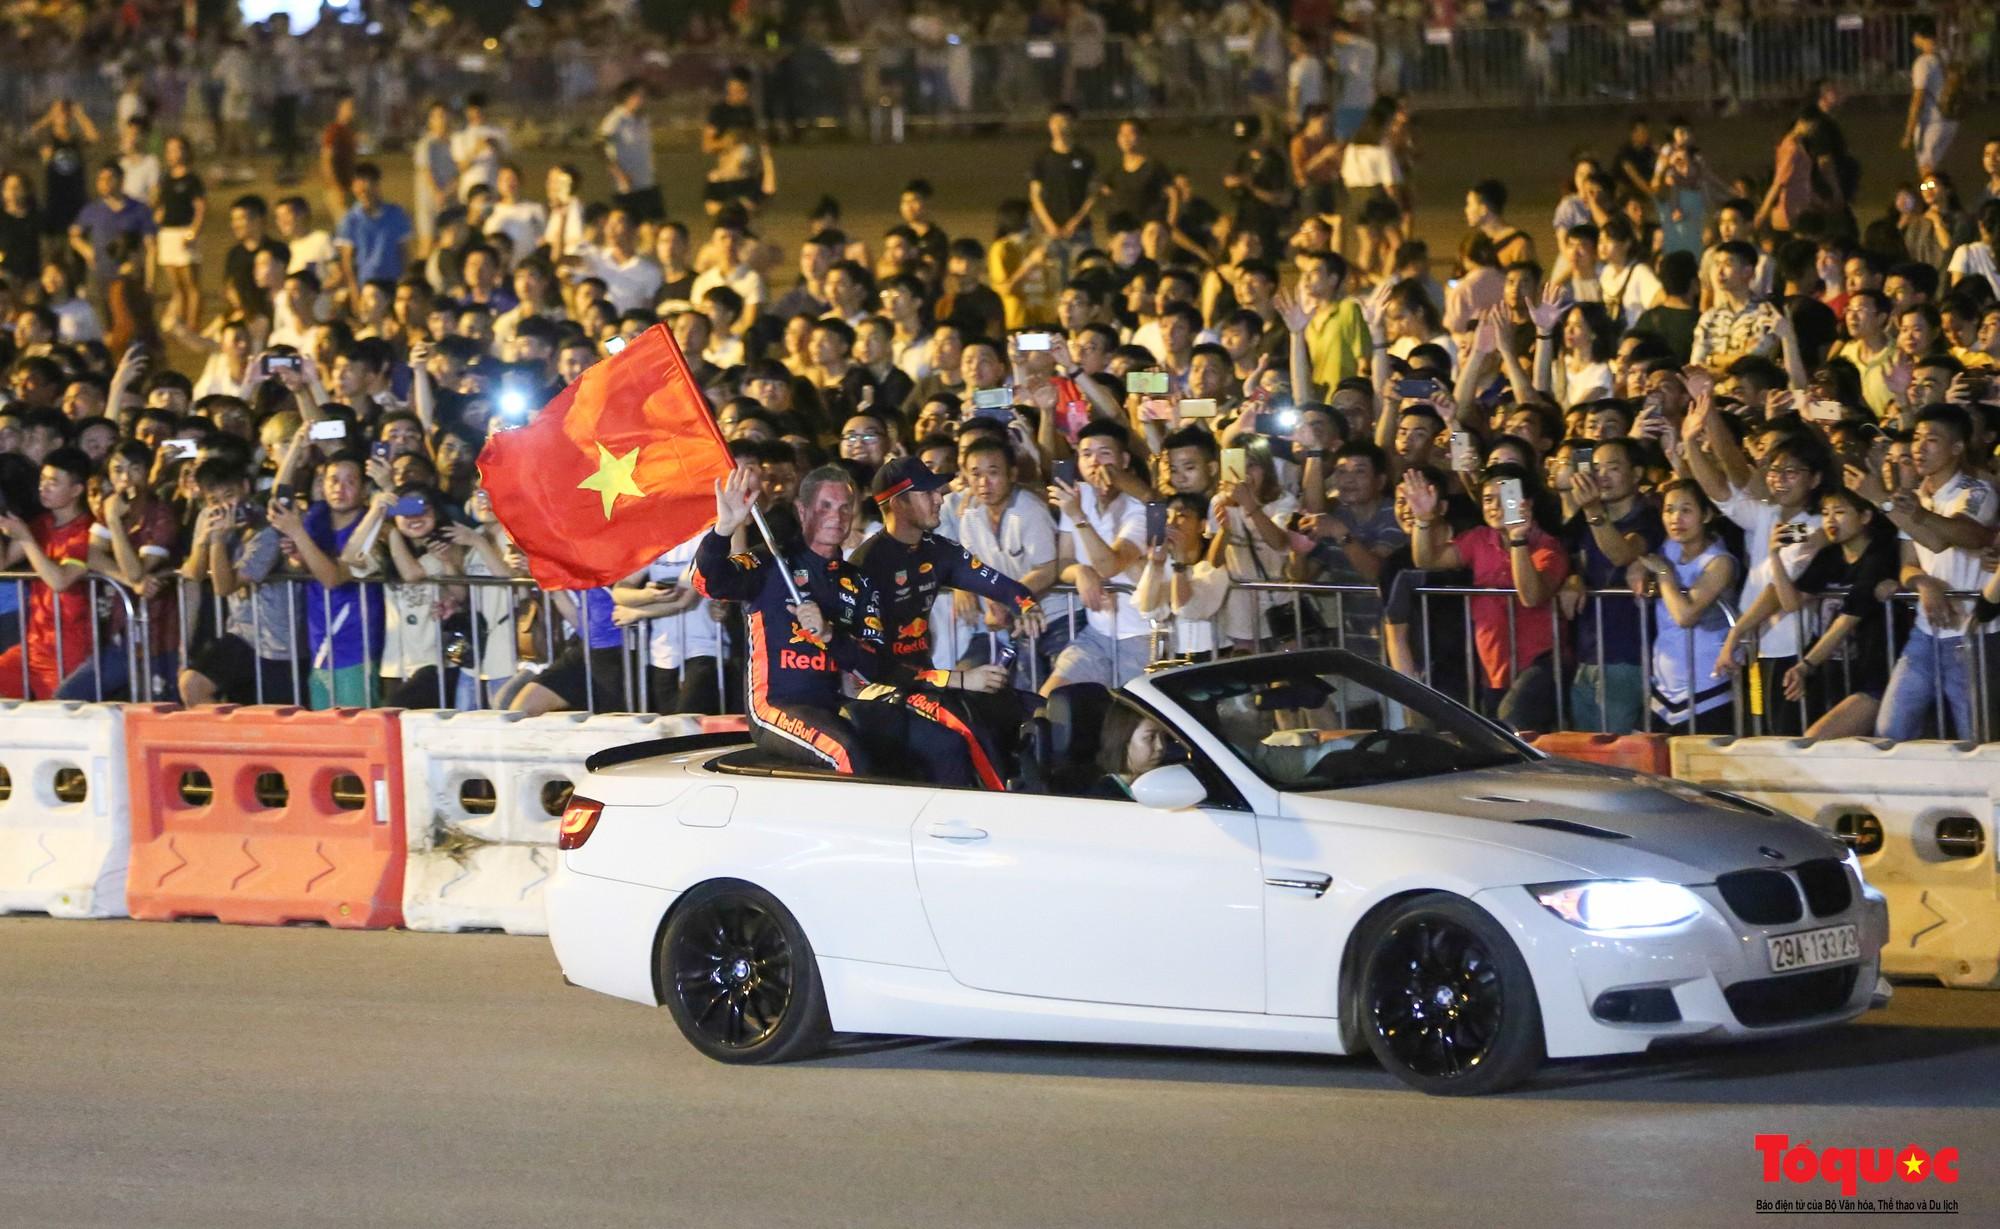 Mãn nhãn với mãnh thú F1 gầm rú và đốt lốp trên đường Hà Nội - Ảnh 29.